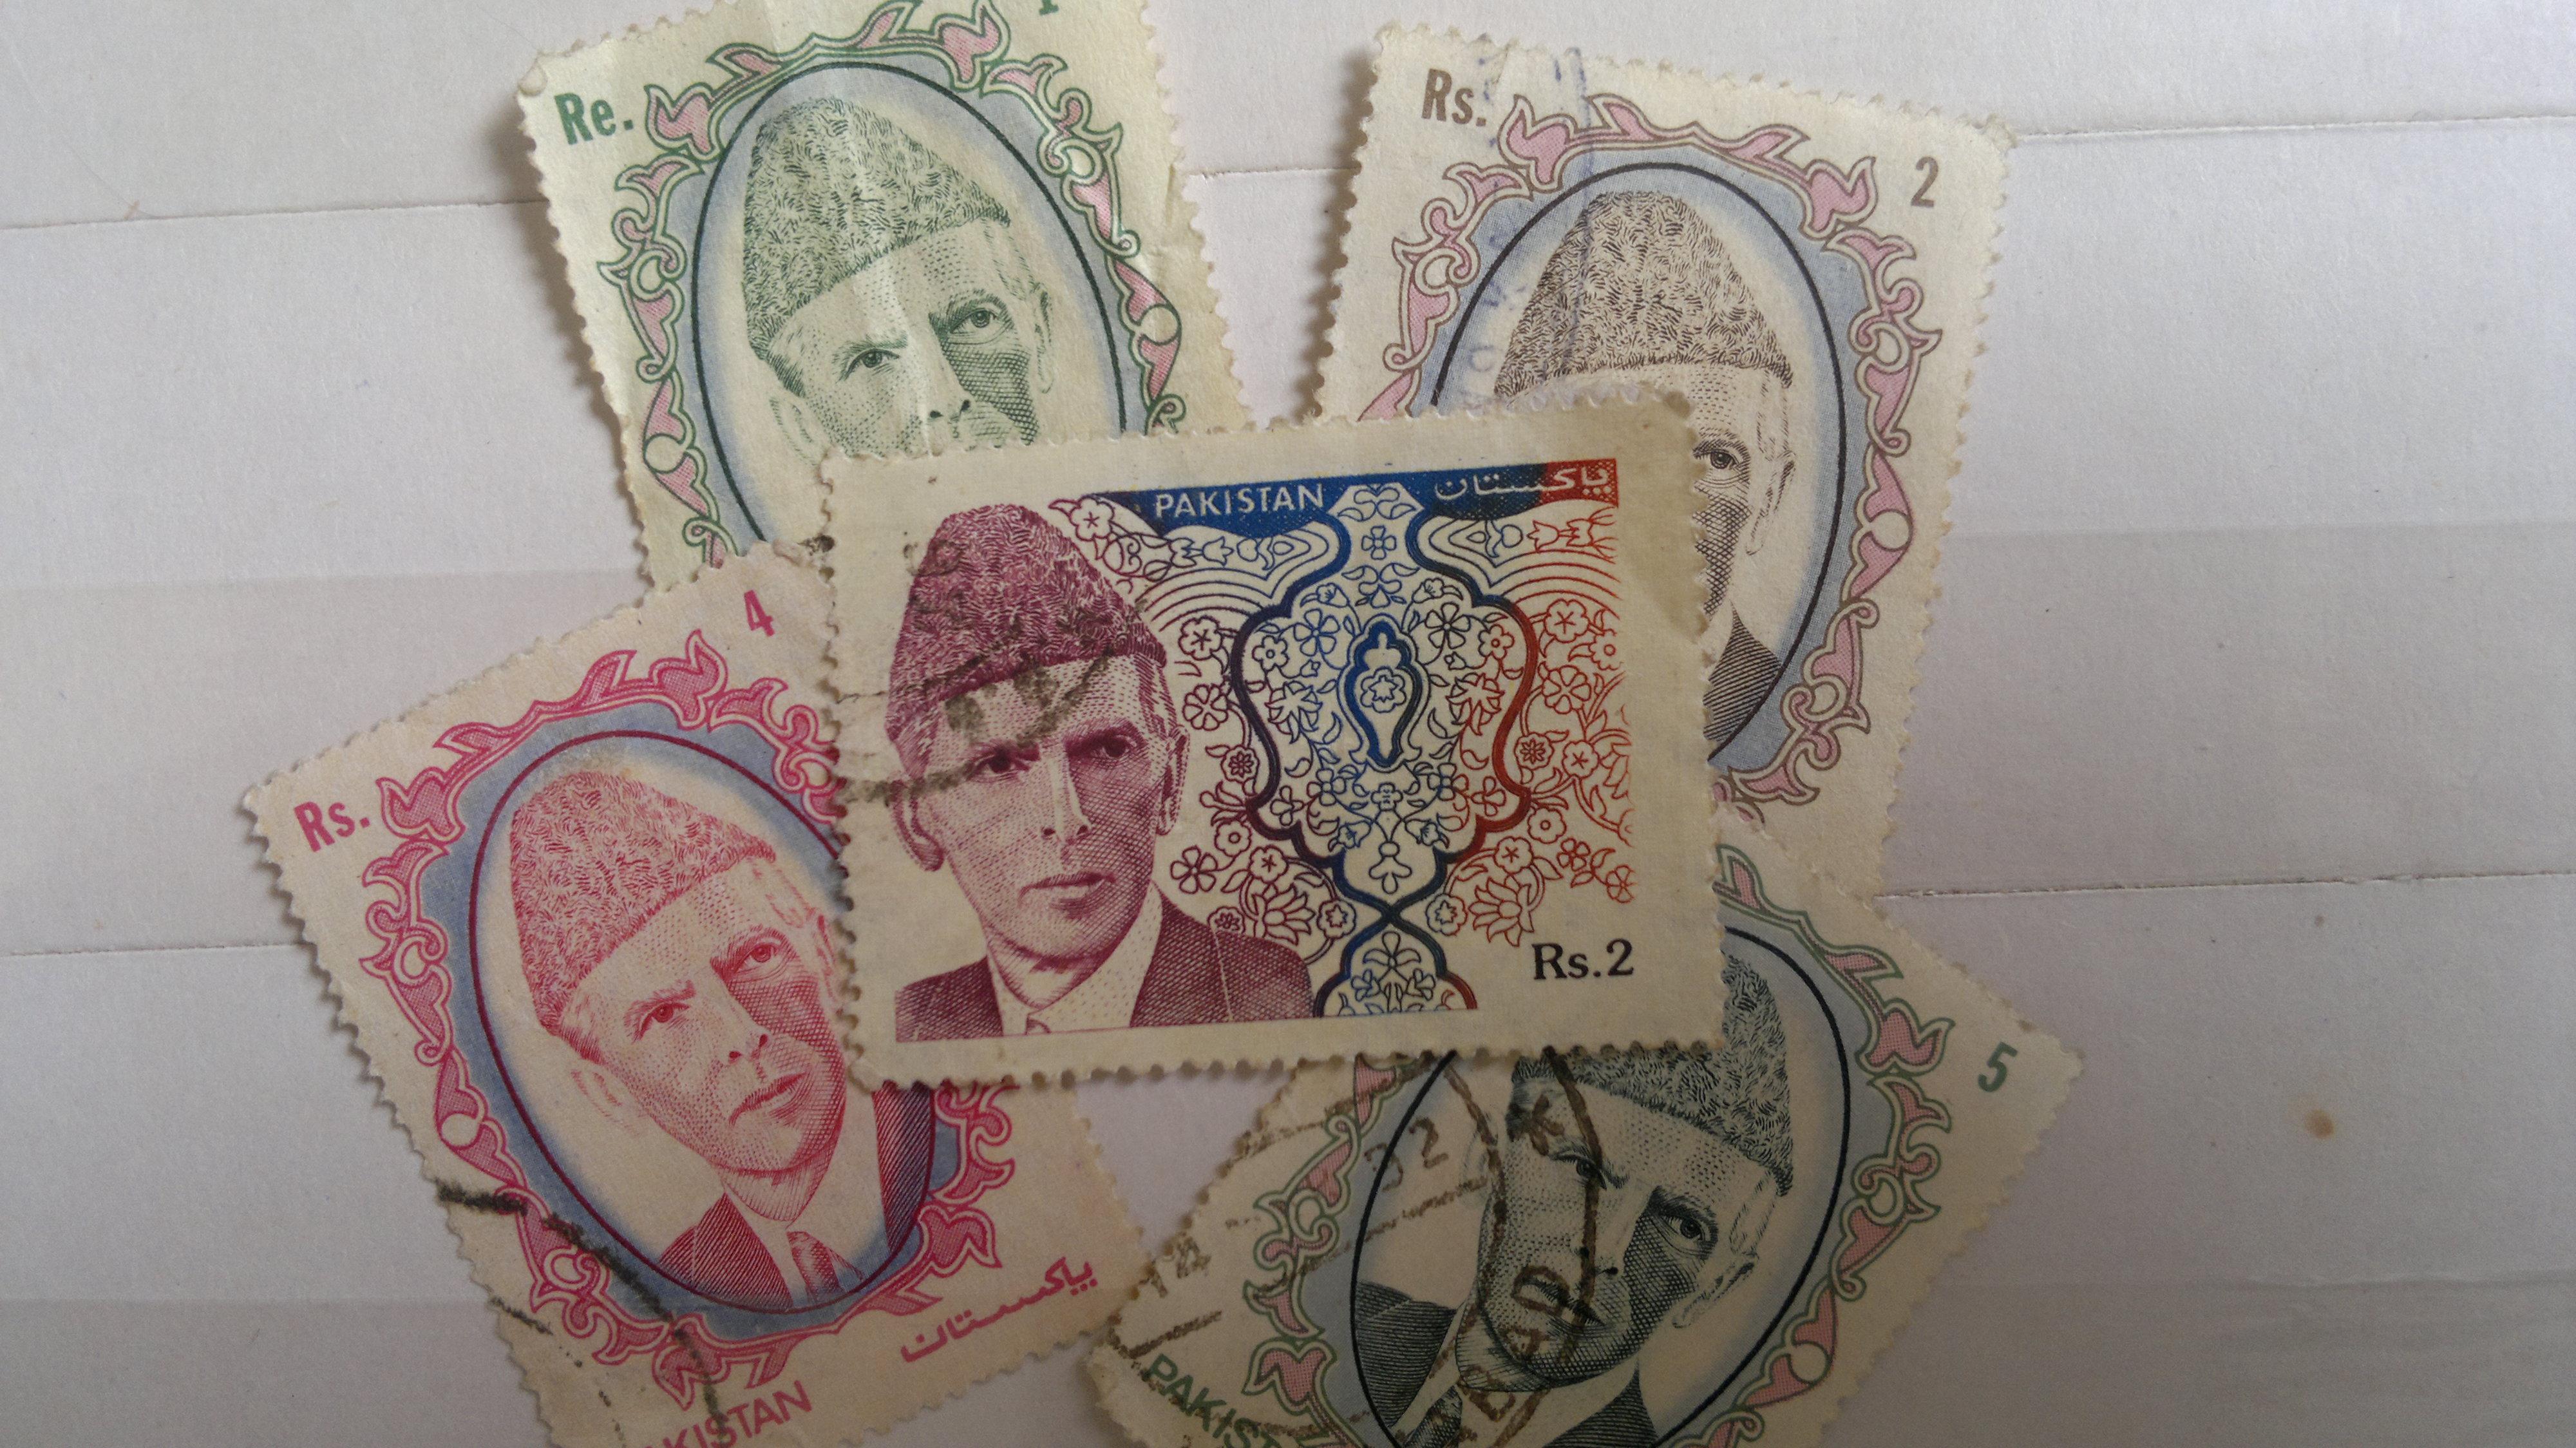 Legacy stamps depicting Quaid-e-Azam